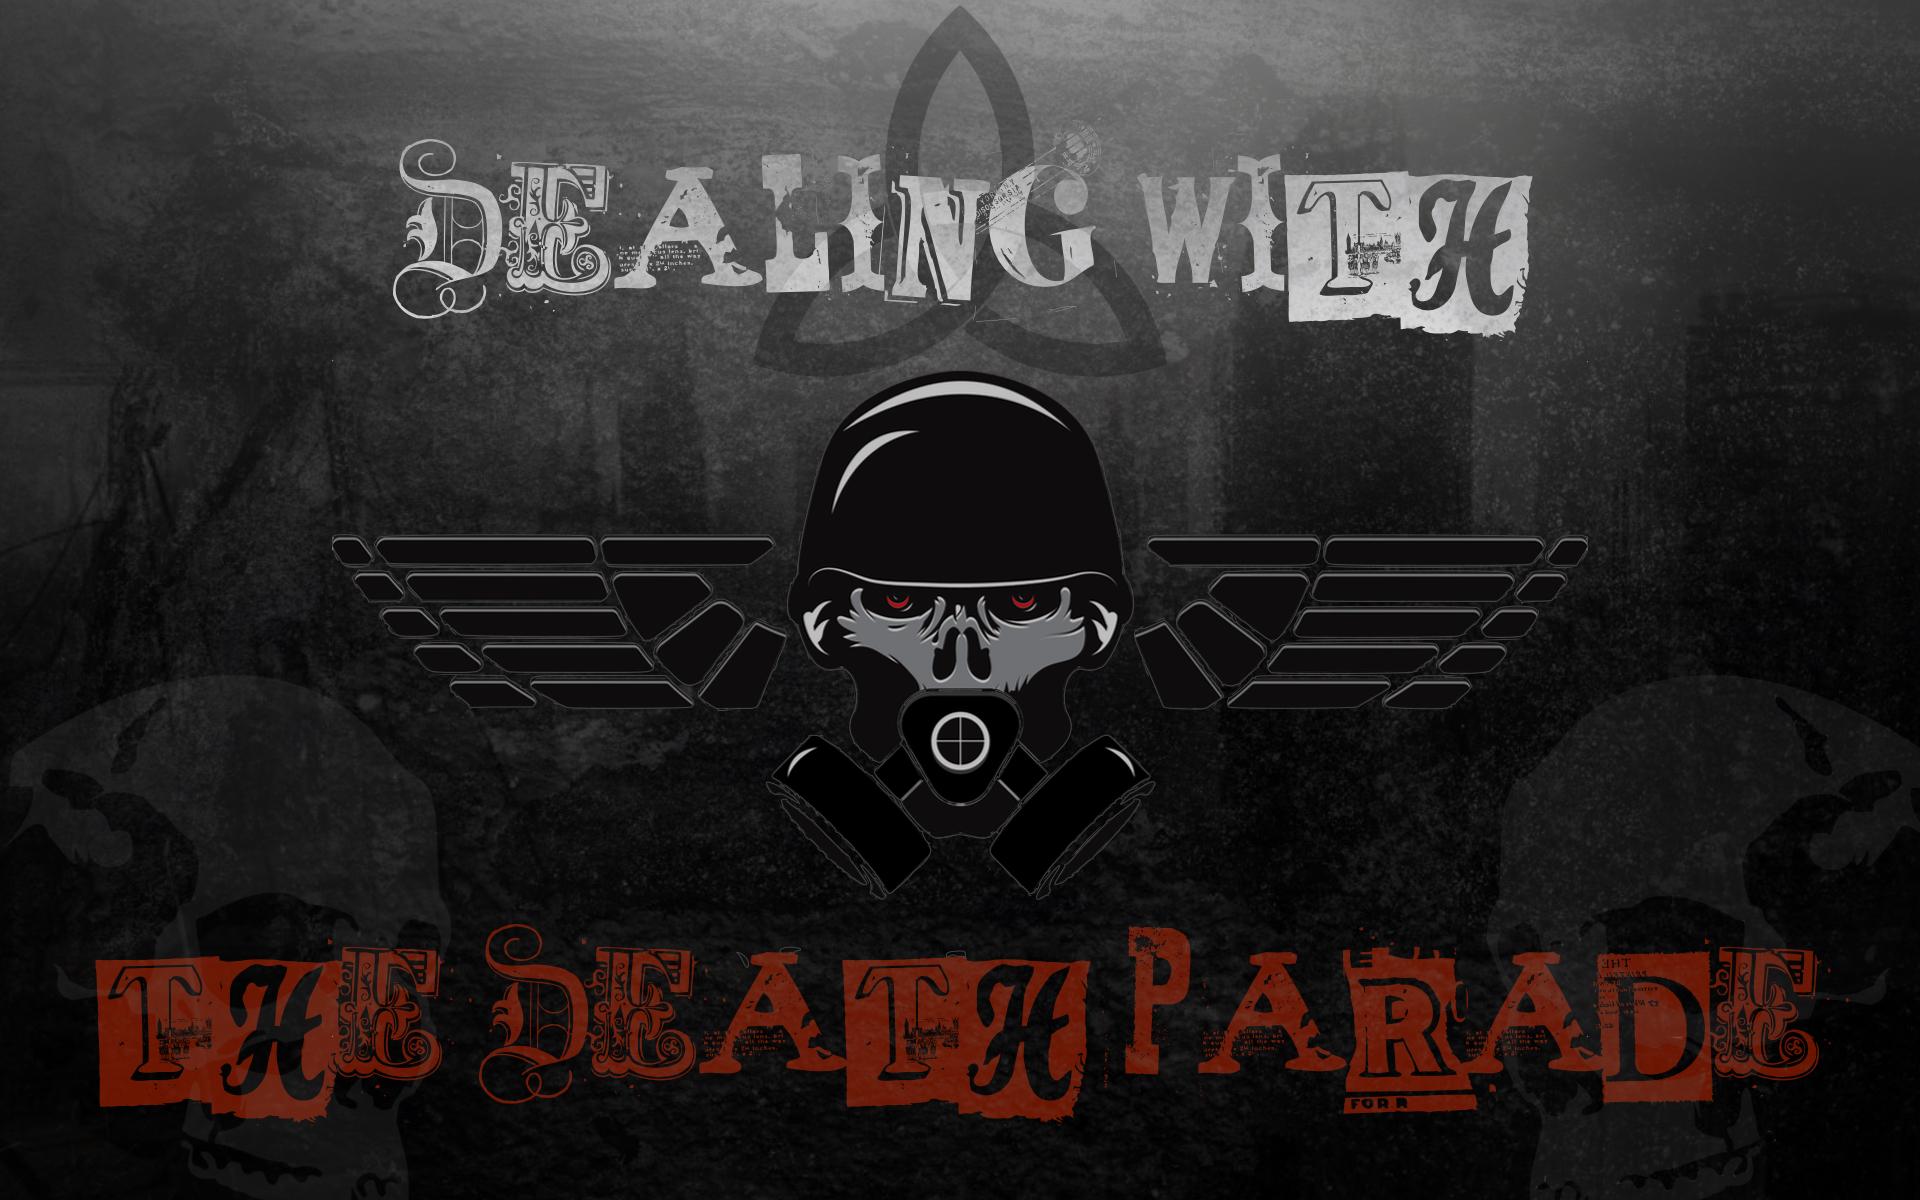 Dealing Death Parade 16x9.jpg